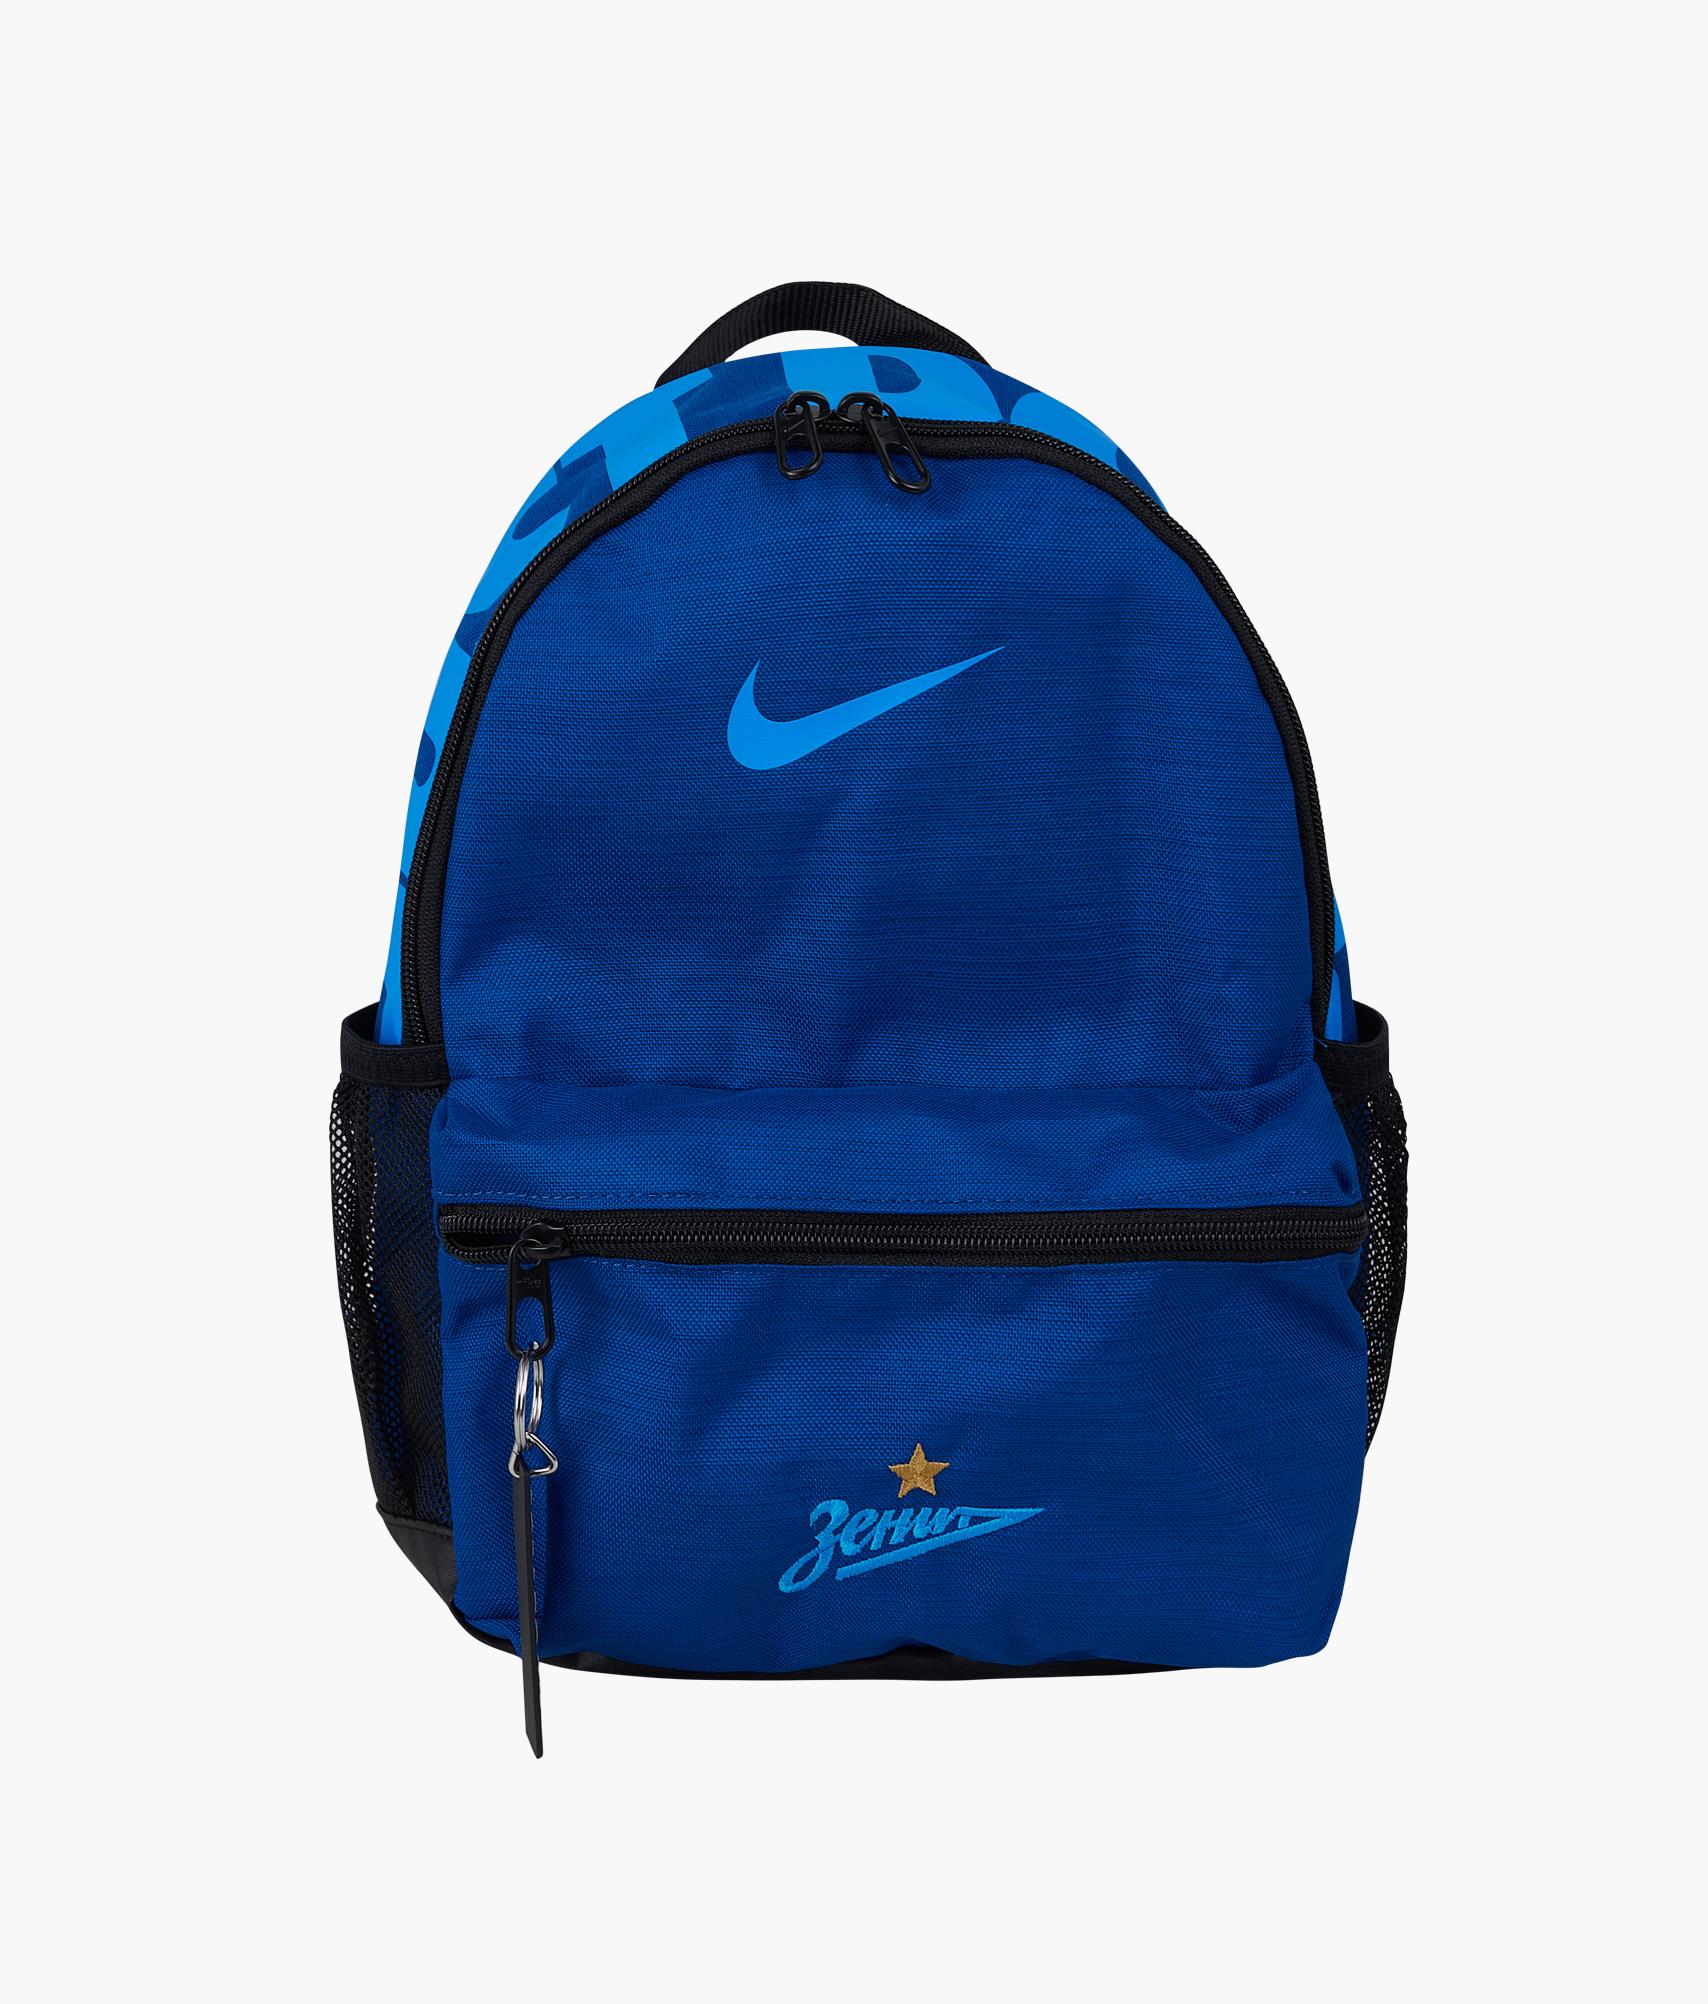 Рюкзак детский Nike Nike Цвет-Синий рюкзак nike nike ni464bkeud34